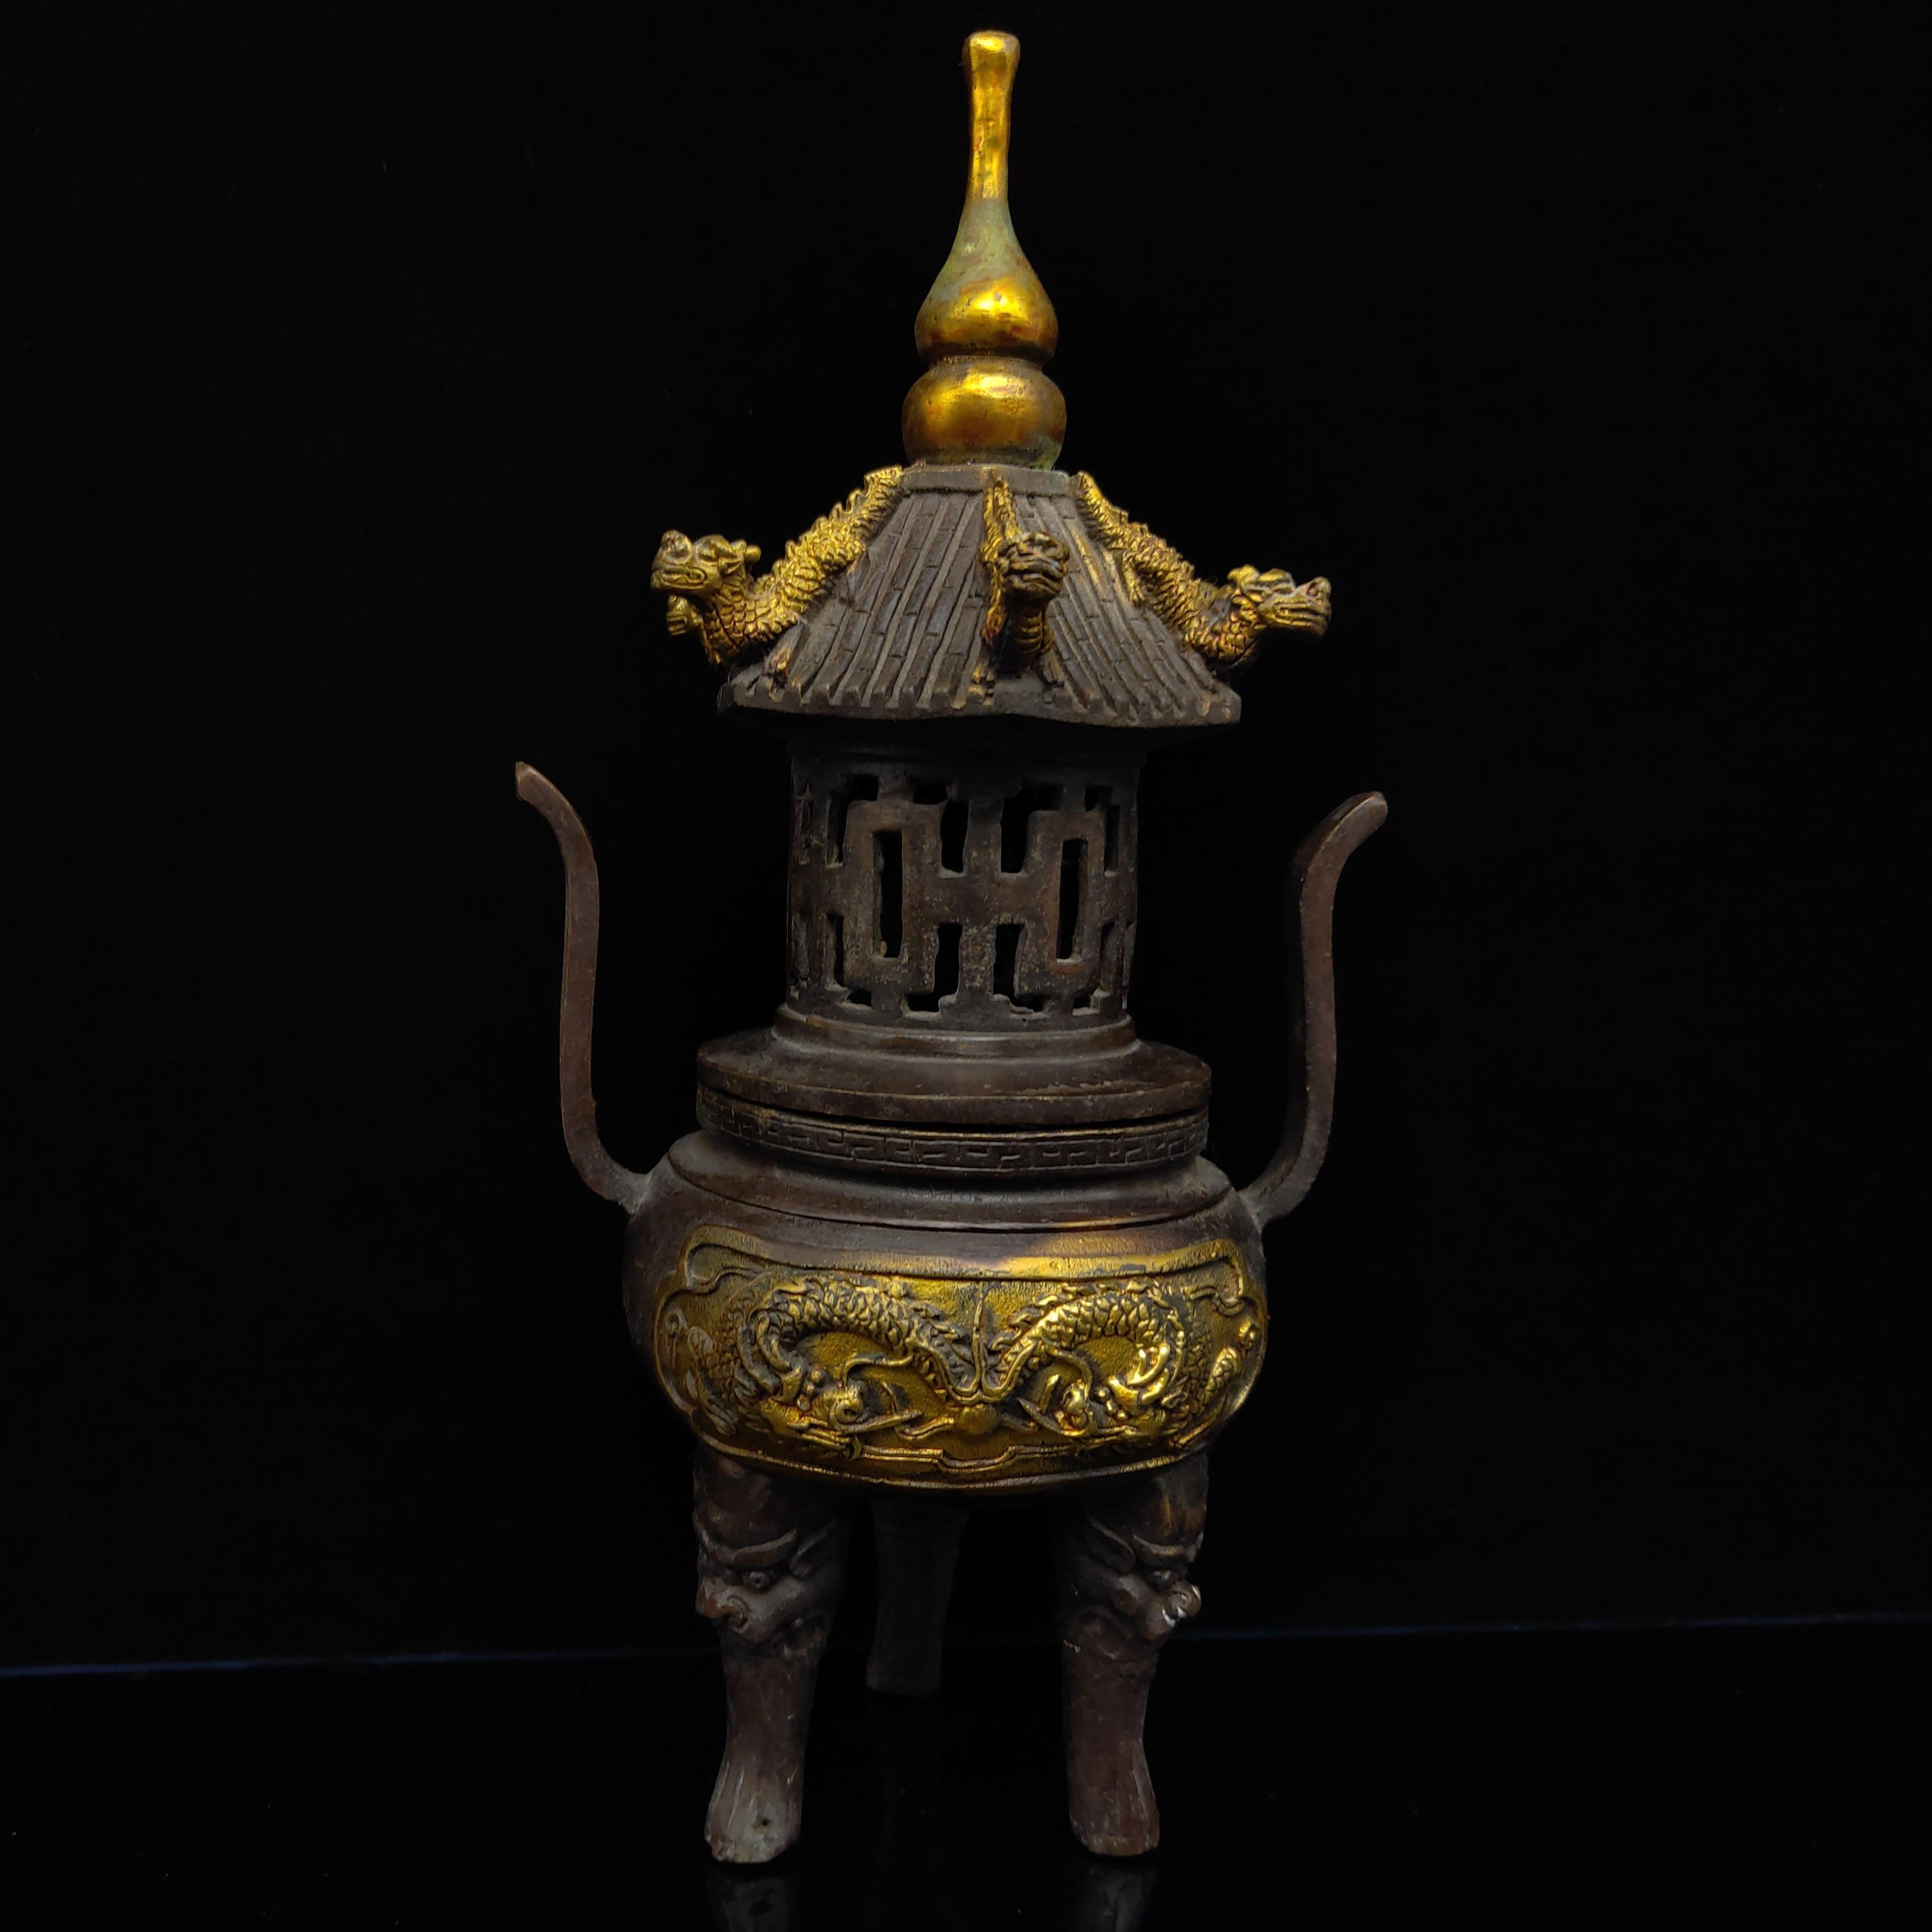 Китайский античный Красный меди с позолотой курильница Цянь длинный Марк Ш HT074